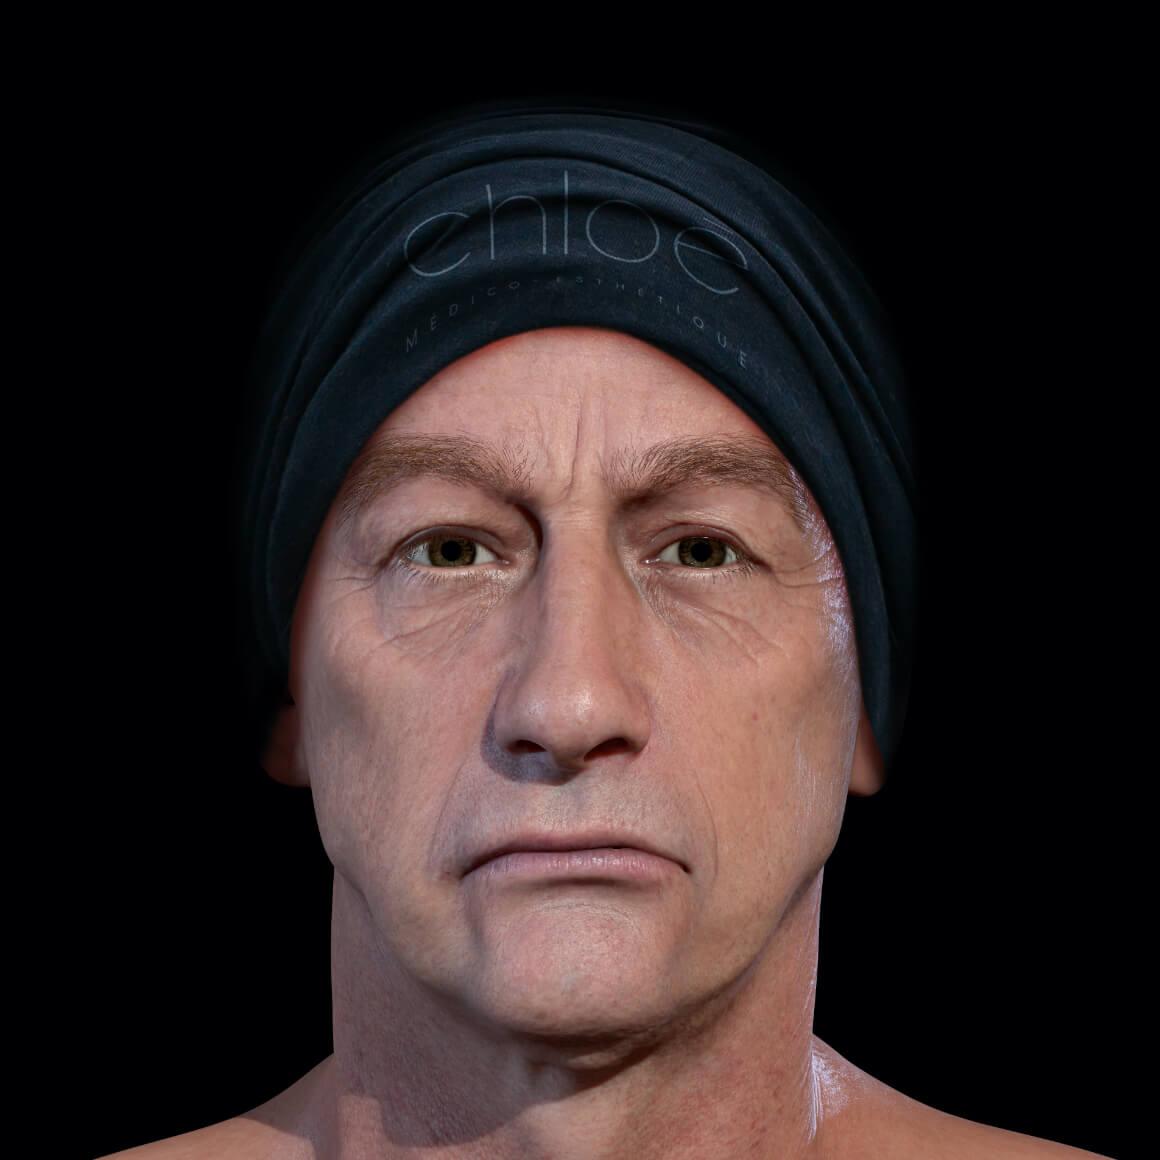 Patient de la Clinique Chloé positionné de face après des traitements au laser Fotona 4D pour le raffermissement du visage